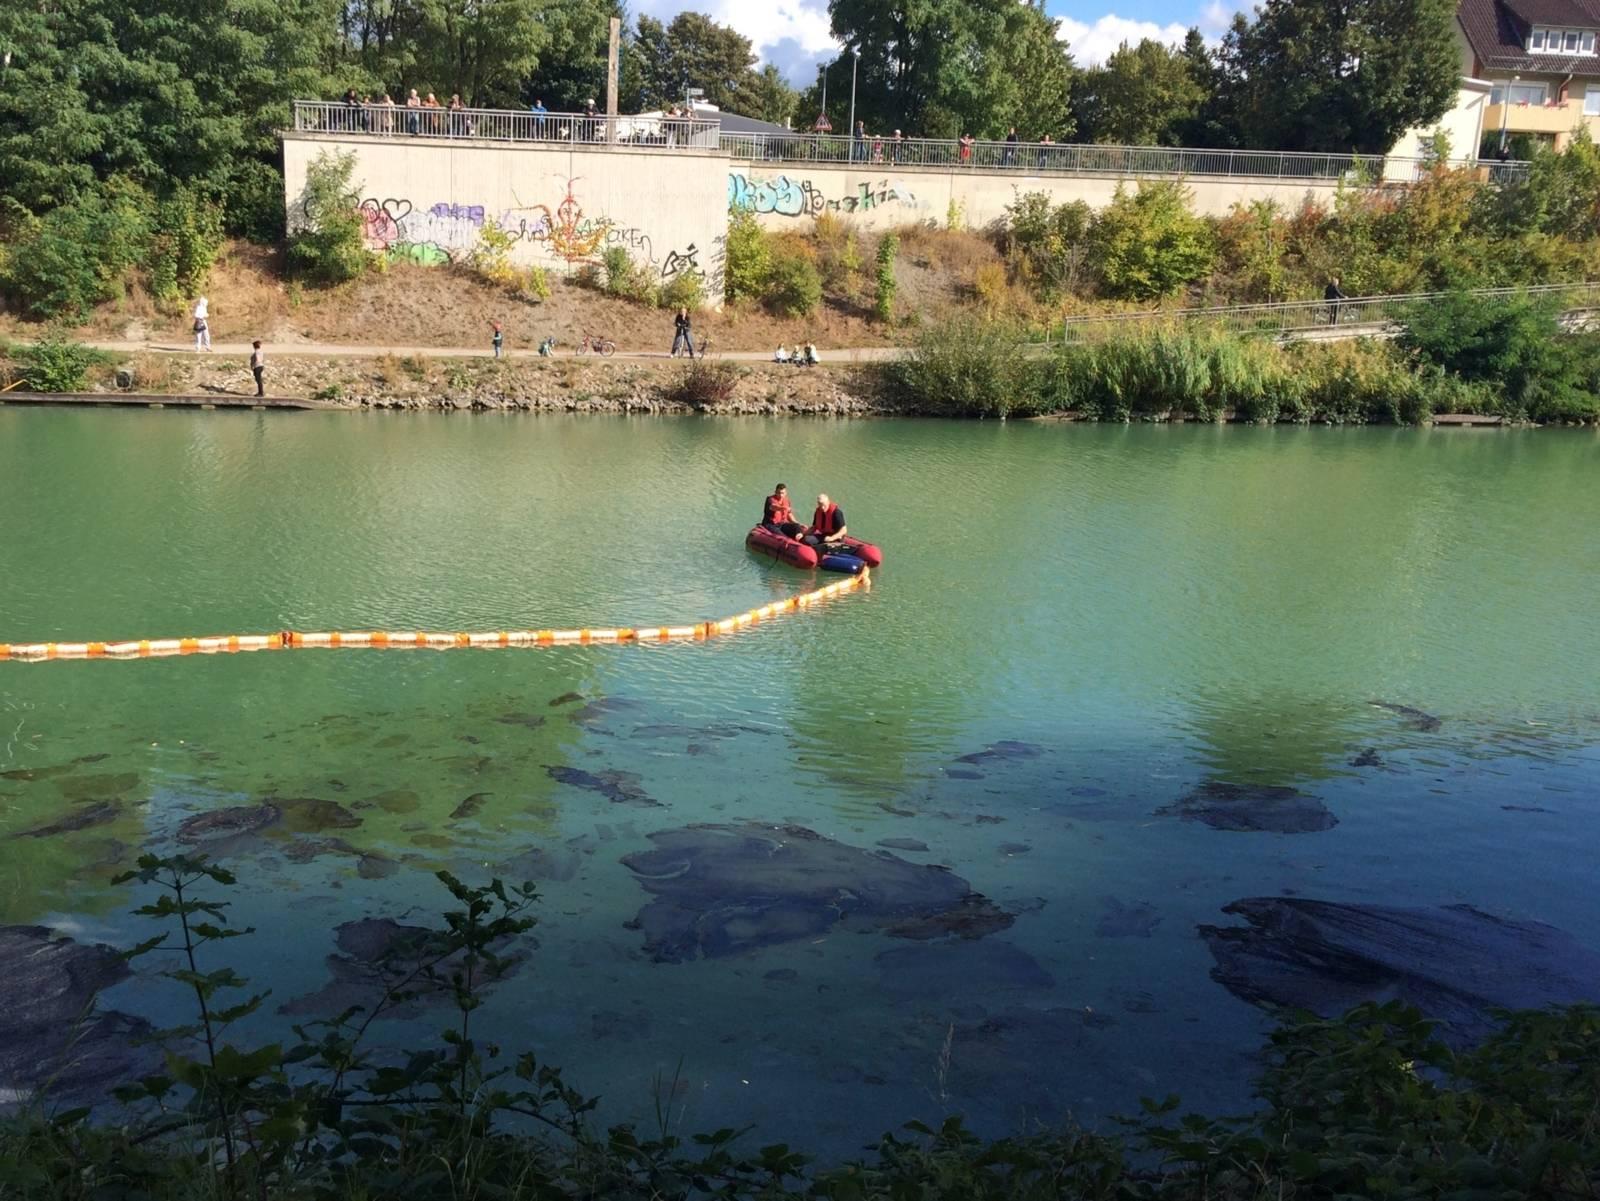 Mit zwei Mehrzweckbooten setzten die Wasserretter der Feuerwehr zunächst eine schwimmende Ölsperre und konnten so die weitere Ausbreitung verhindern.